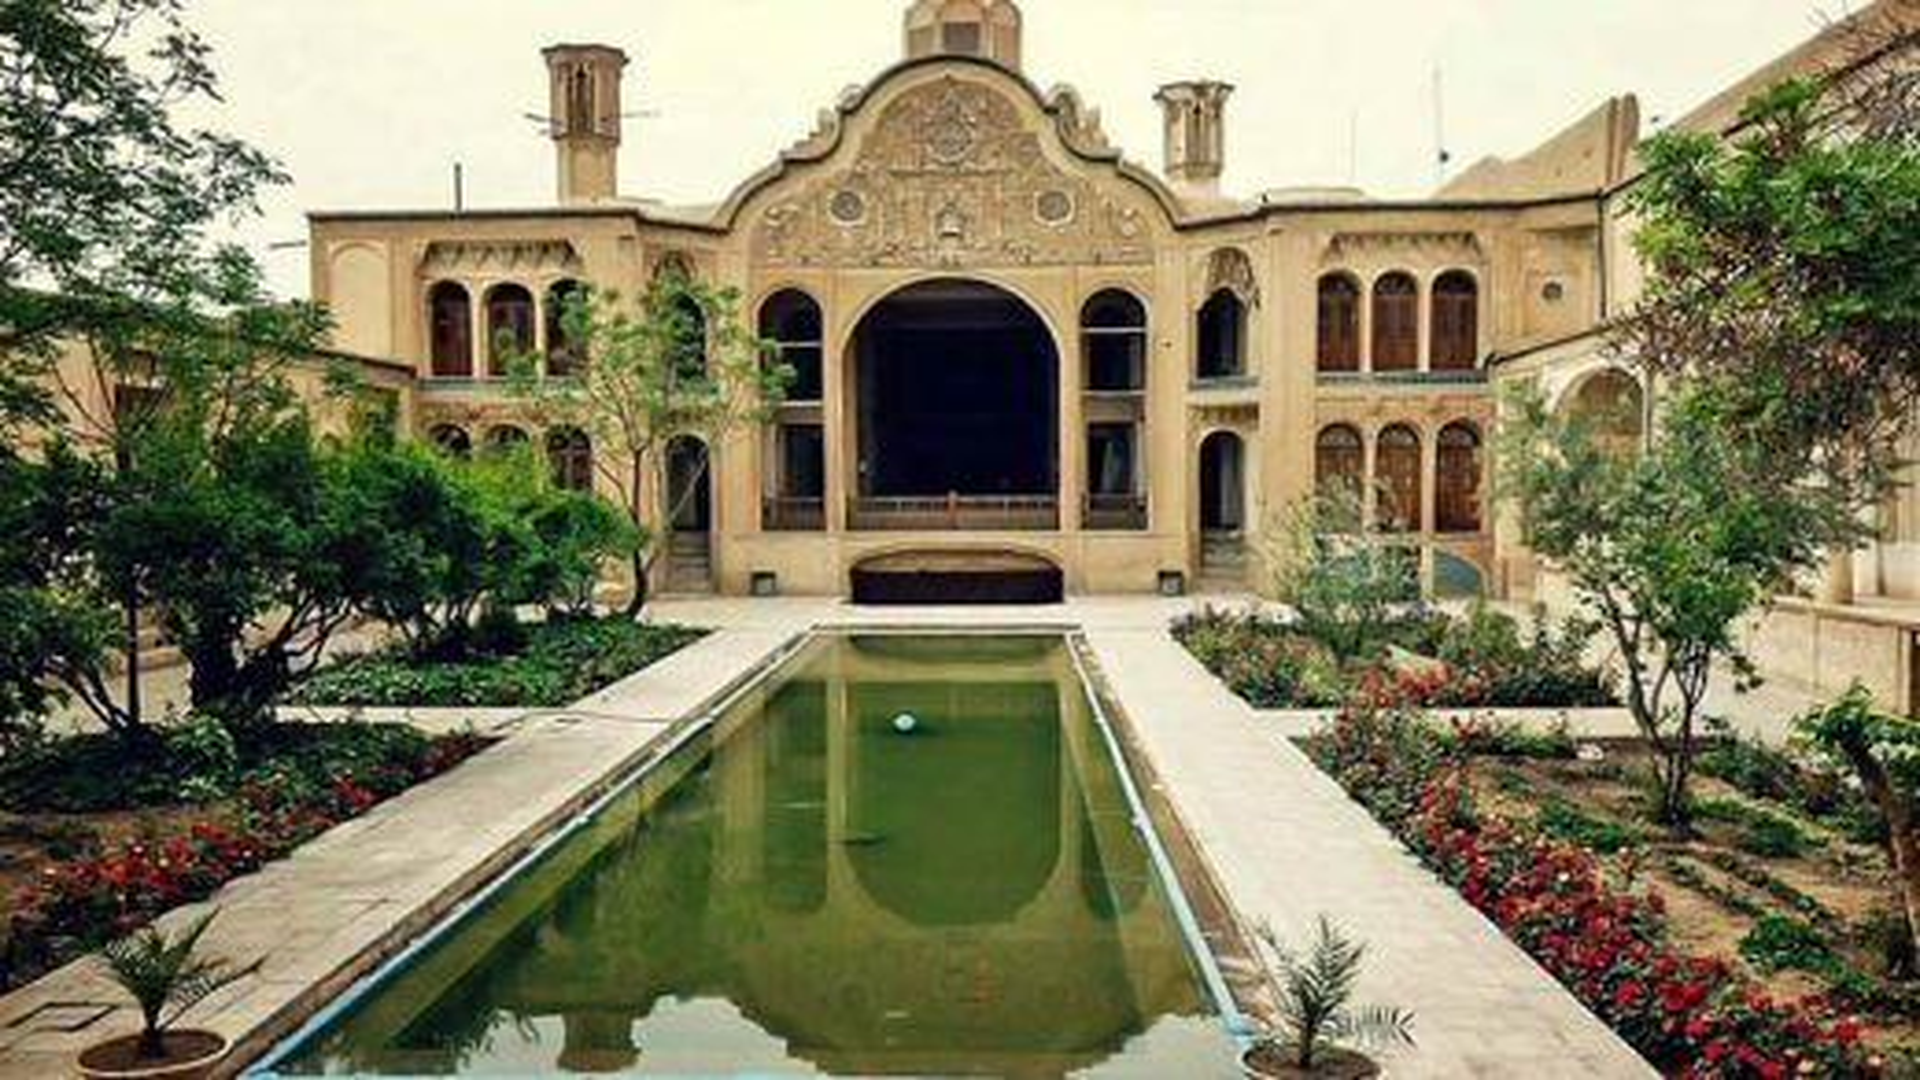 خانه ی زیبا و تاریخی بروجردی ها در شهر تاریخی کاشان | فیلم